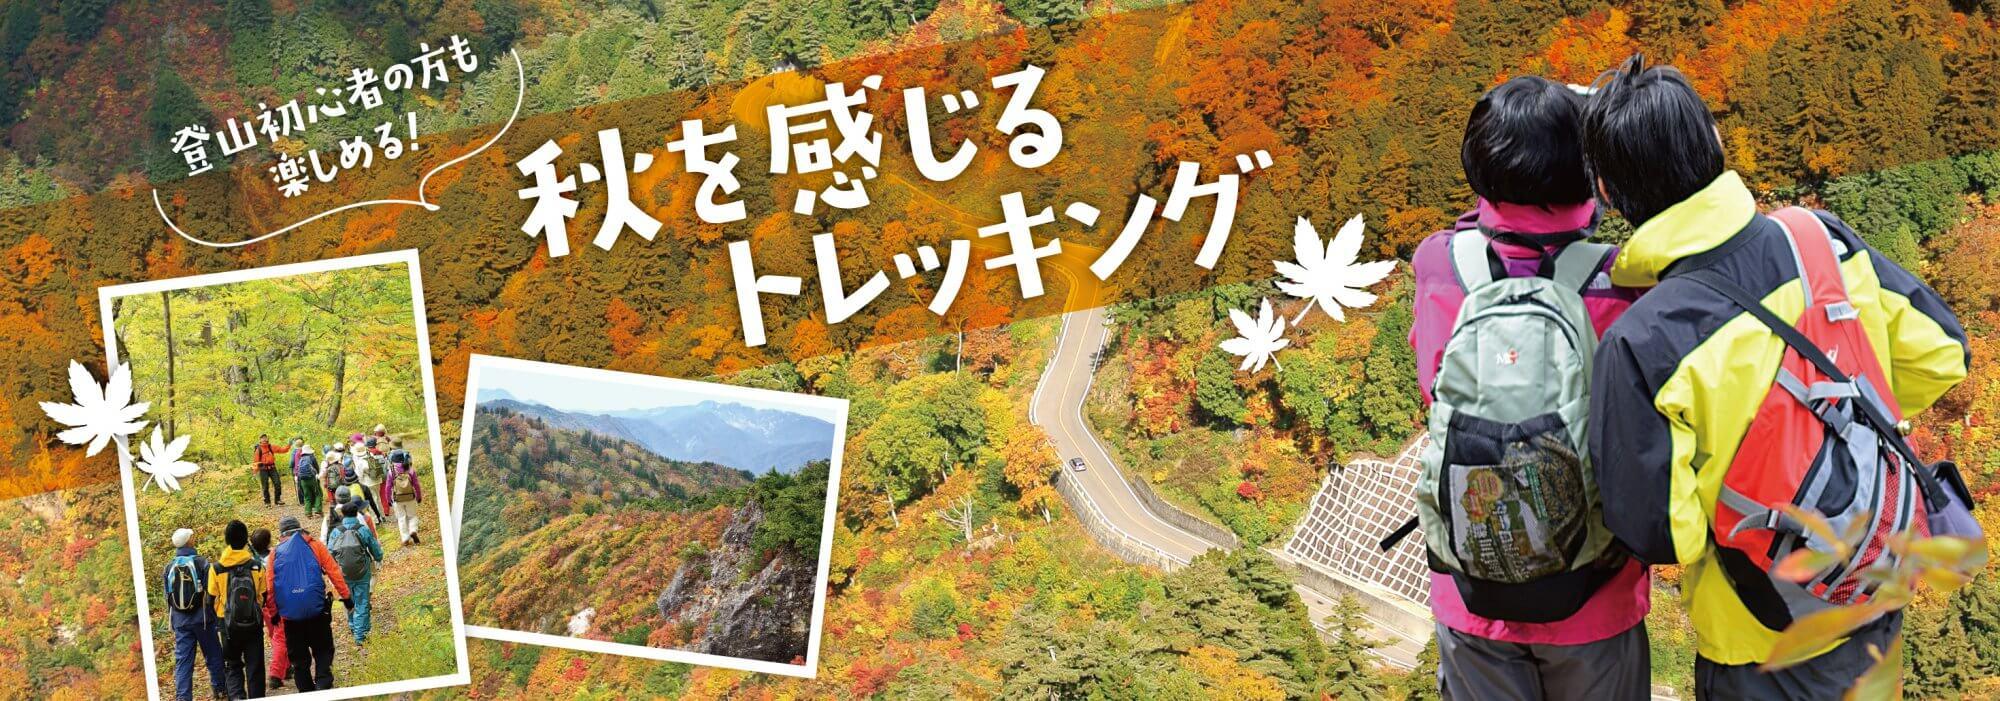 秋のトレッキング特集!